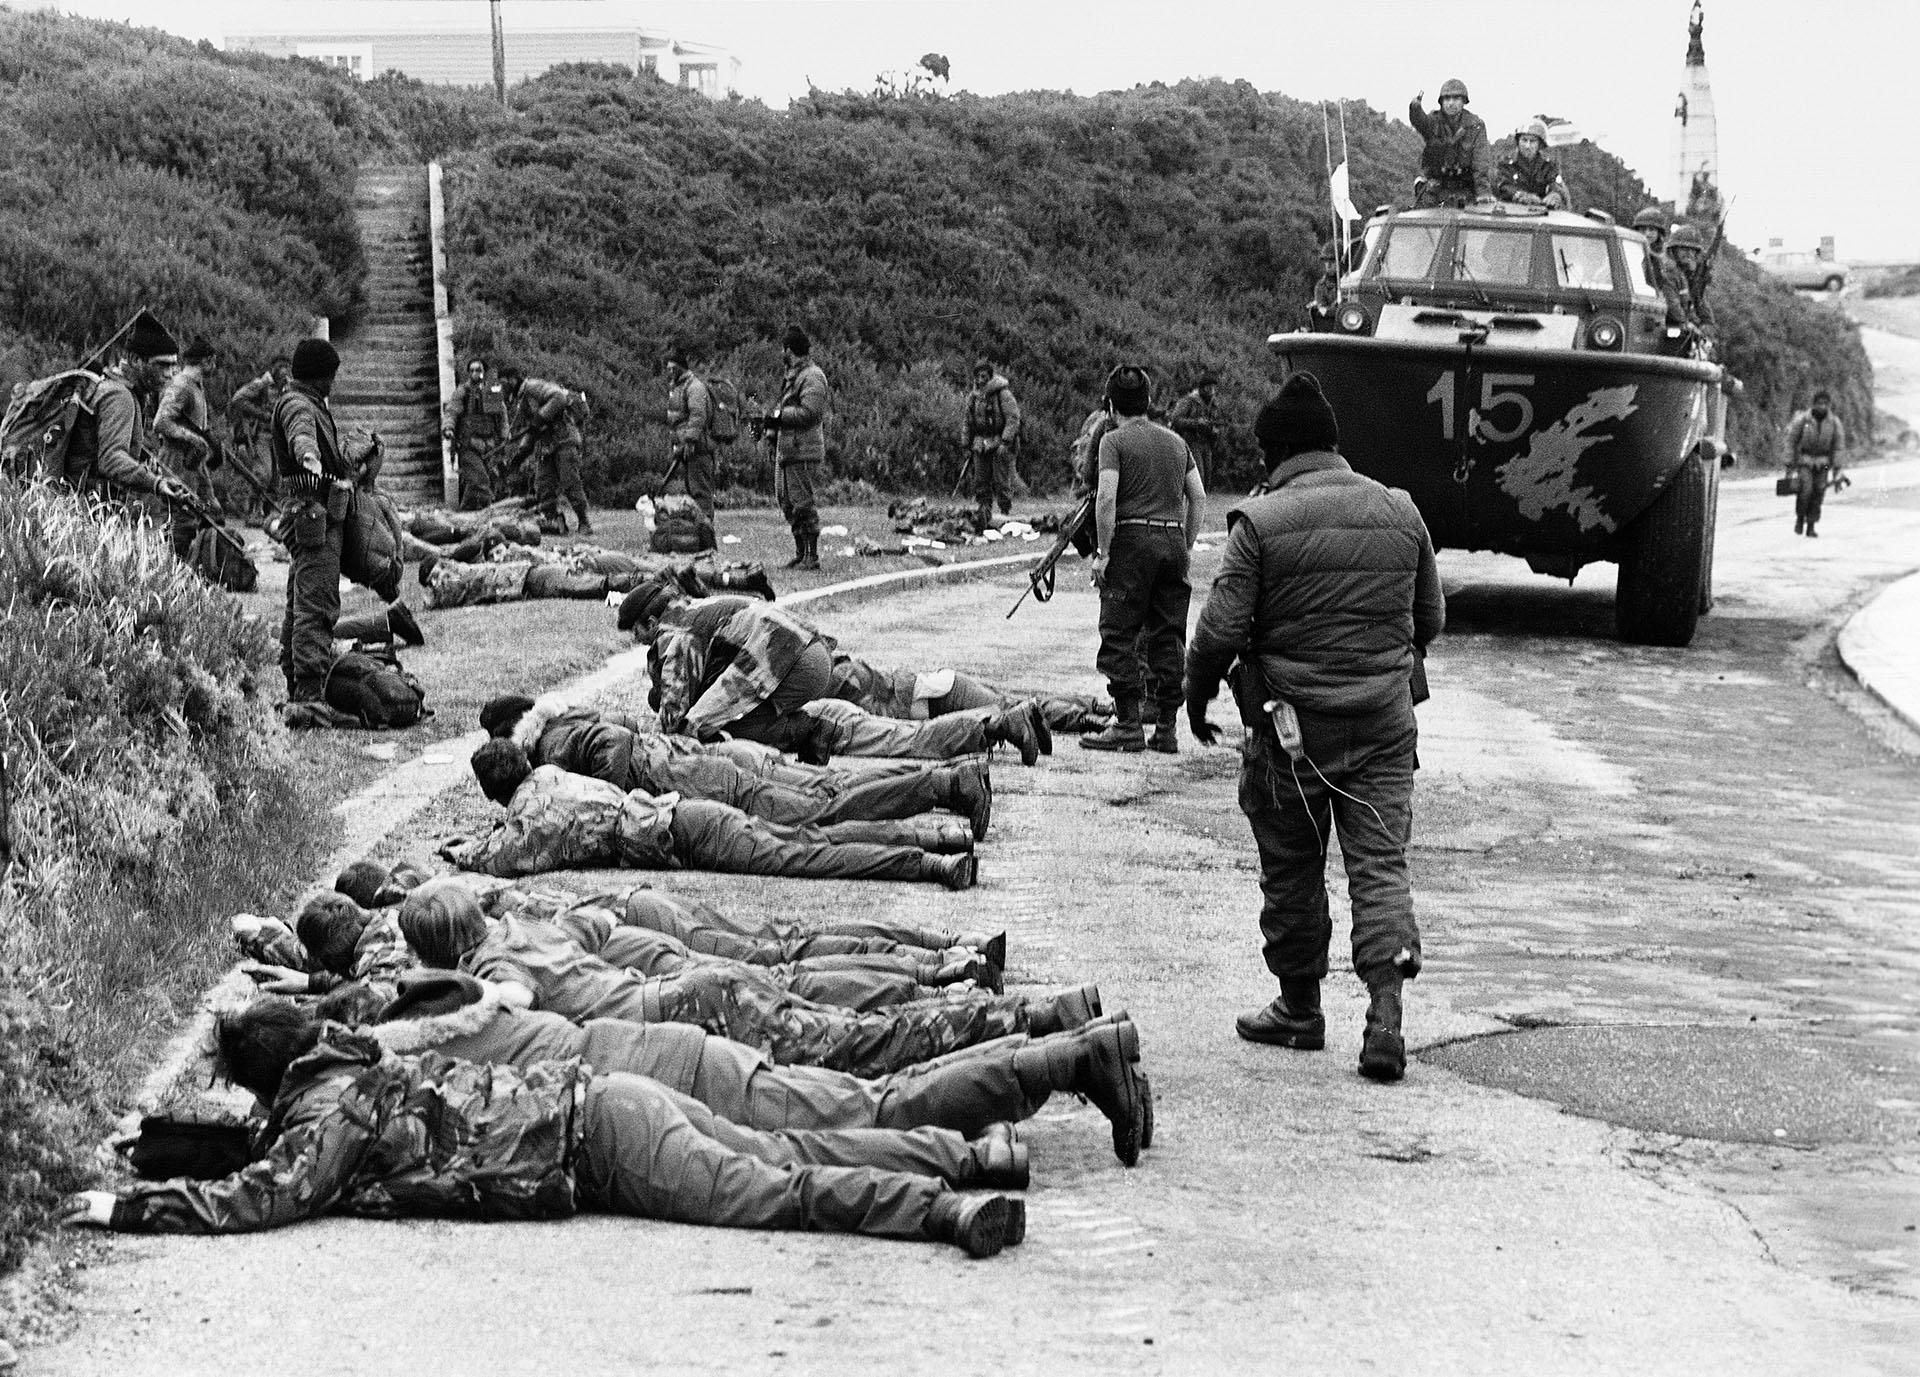 Se concretó la Operación Rosario. El 2 de abril las tropas argentinas recuperaron las islas Malvinas. Los soldados ingleses son requisados y mantenidos cuerpo a tierra.Esta fue una de lasimagen que socavaron el orgullo británico (Foto: Rafael Wollmann).